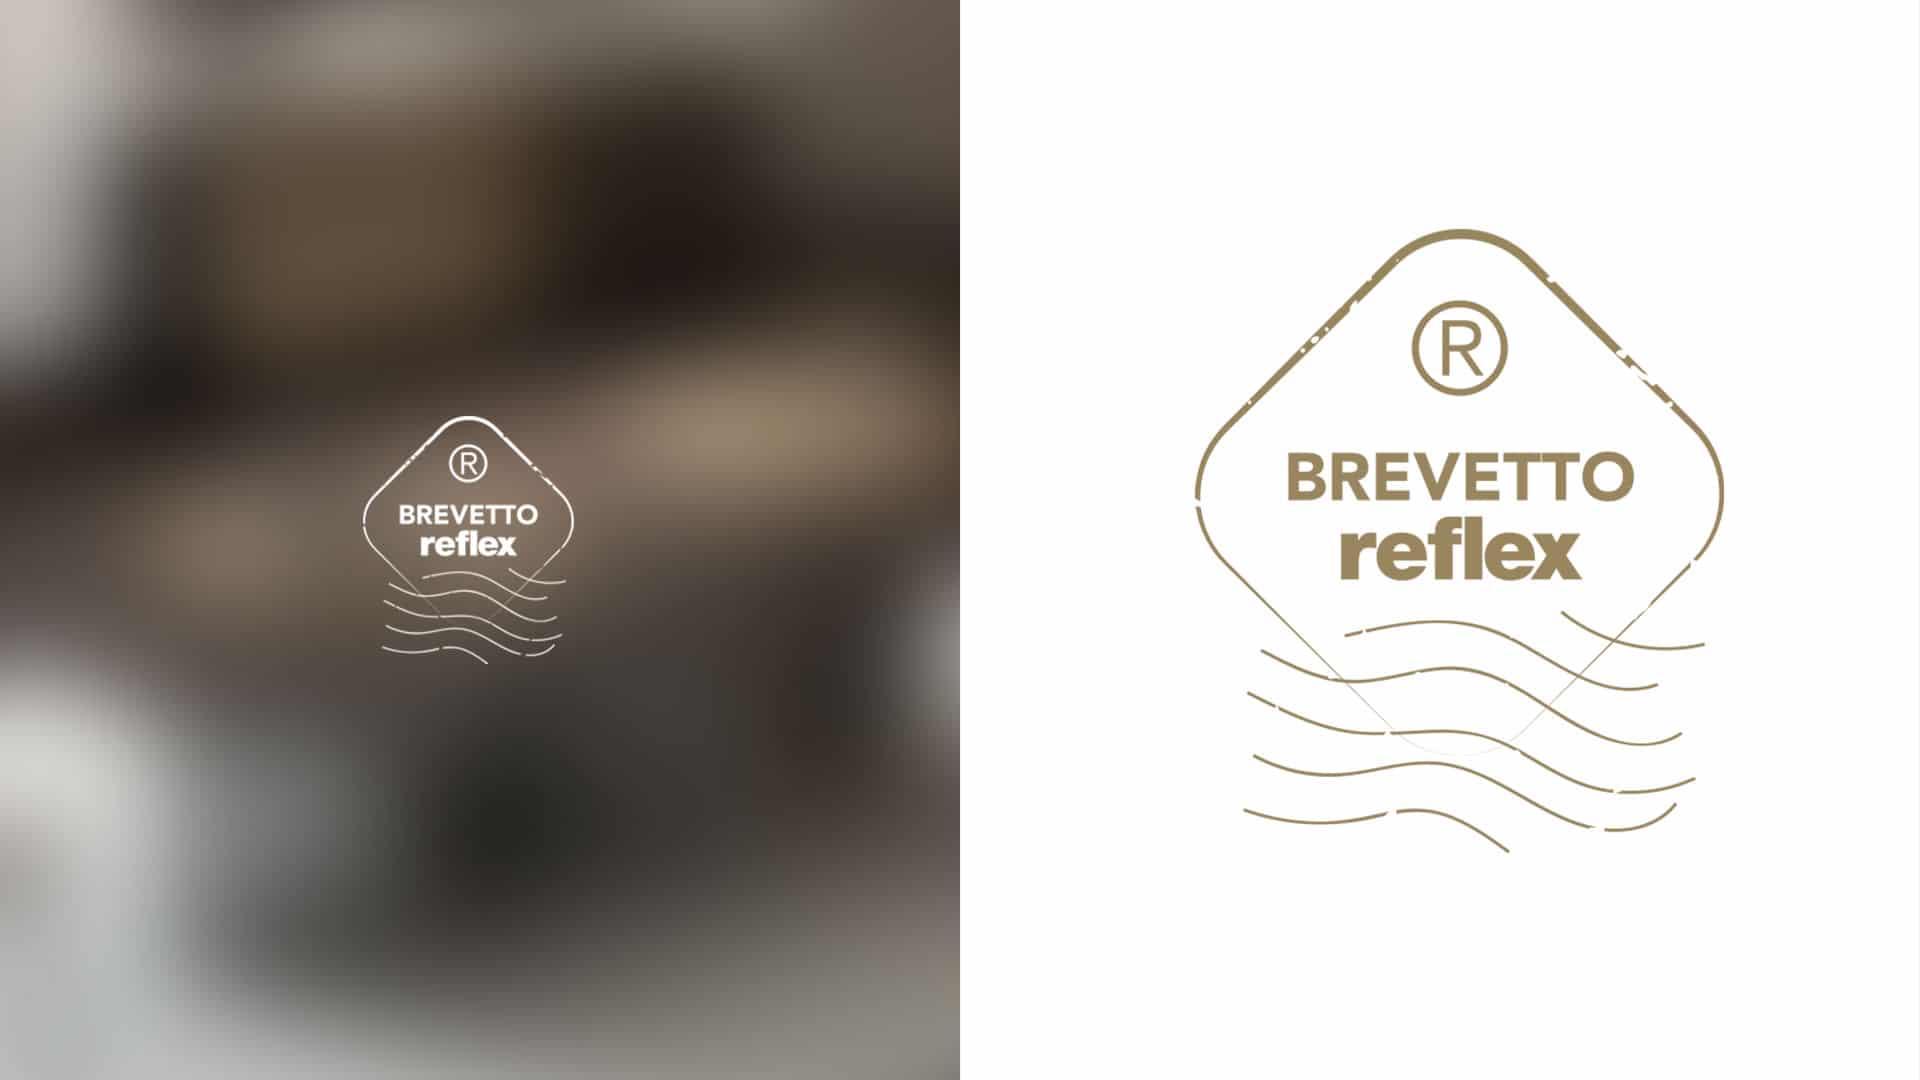 icone reflex BREVETTO grafico milano 01